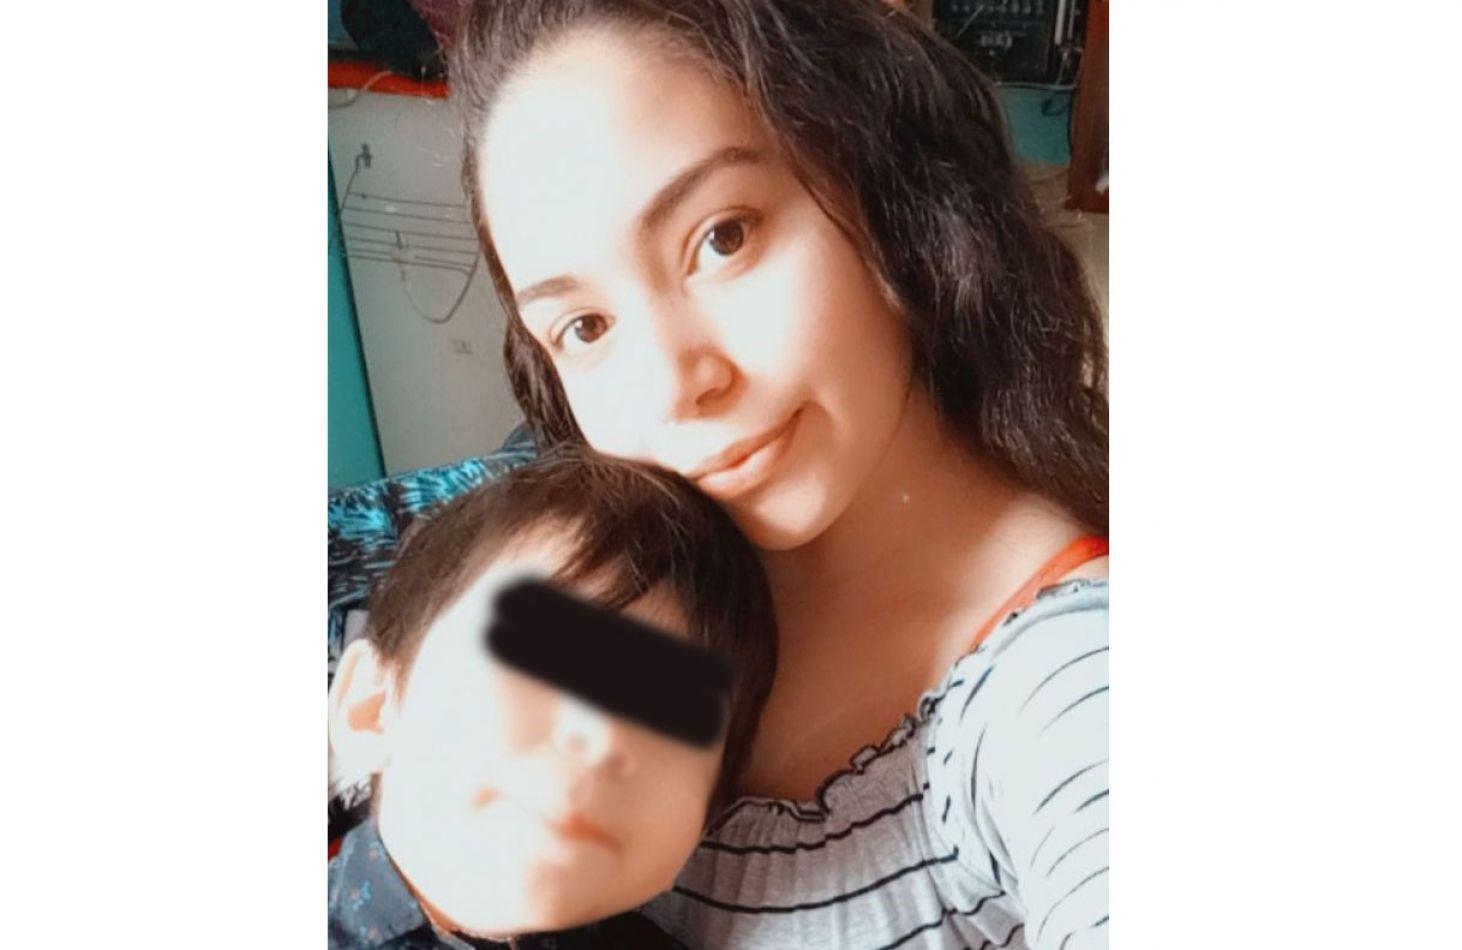 Yessica Piñeiro de 20 años, de Tolhuin, recurrió a los medios y a las redes sociales para que su hijo pueda recibir la atención médica necesaria.